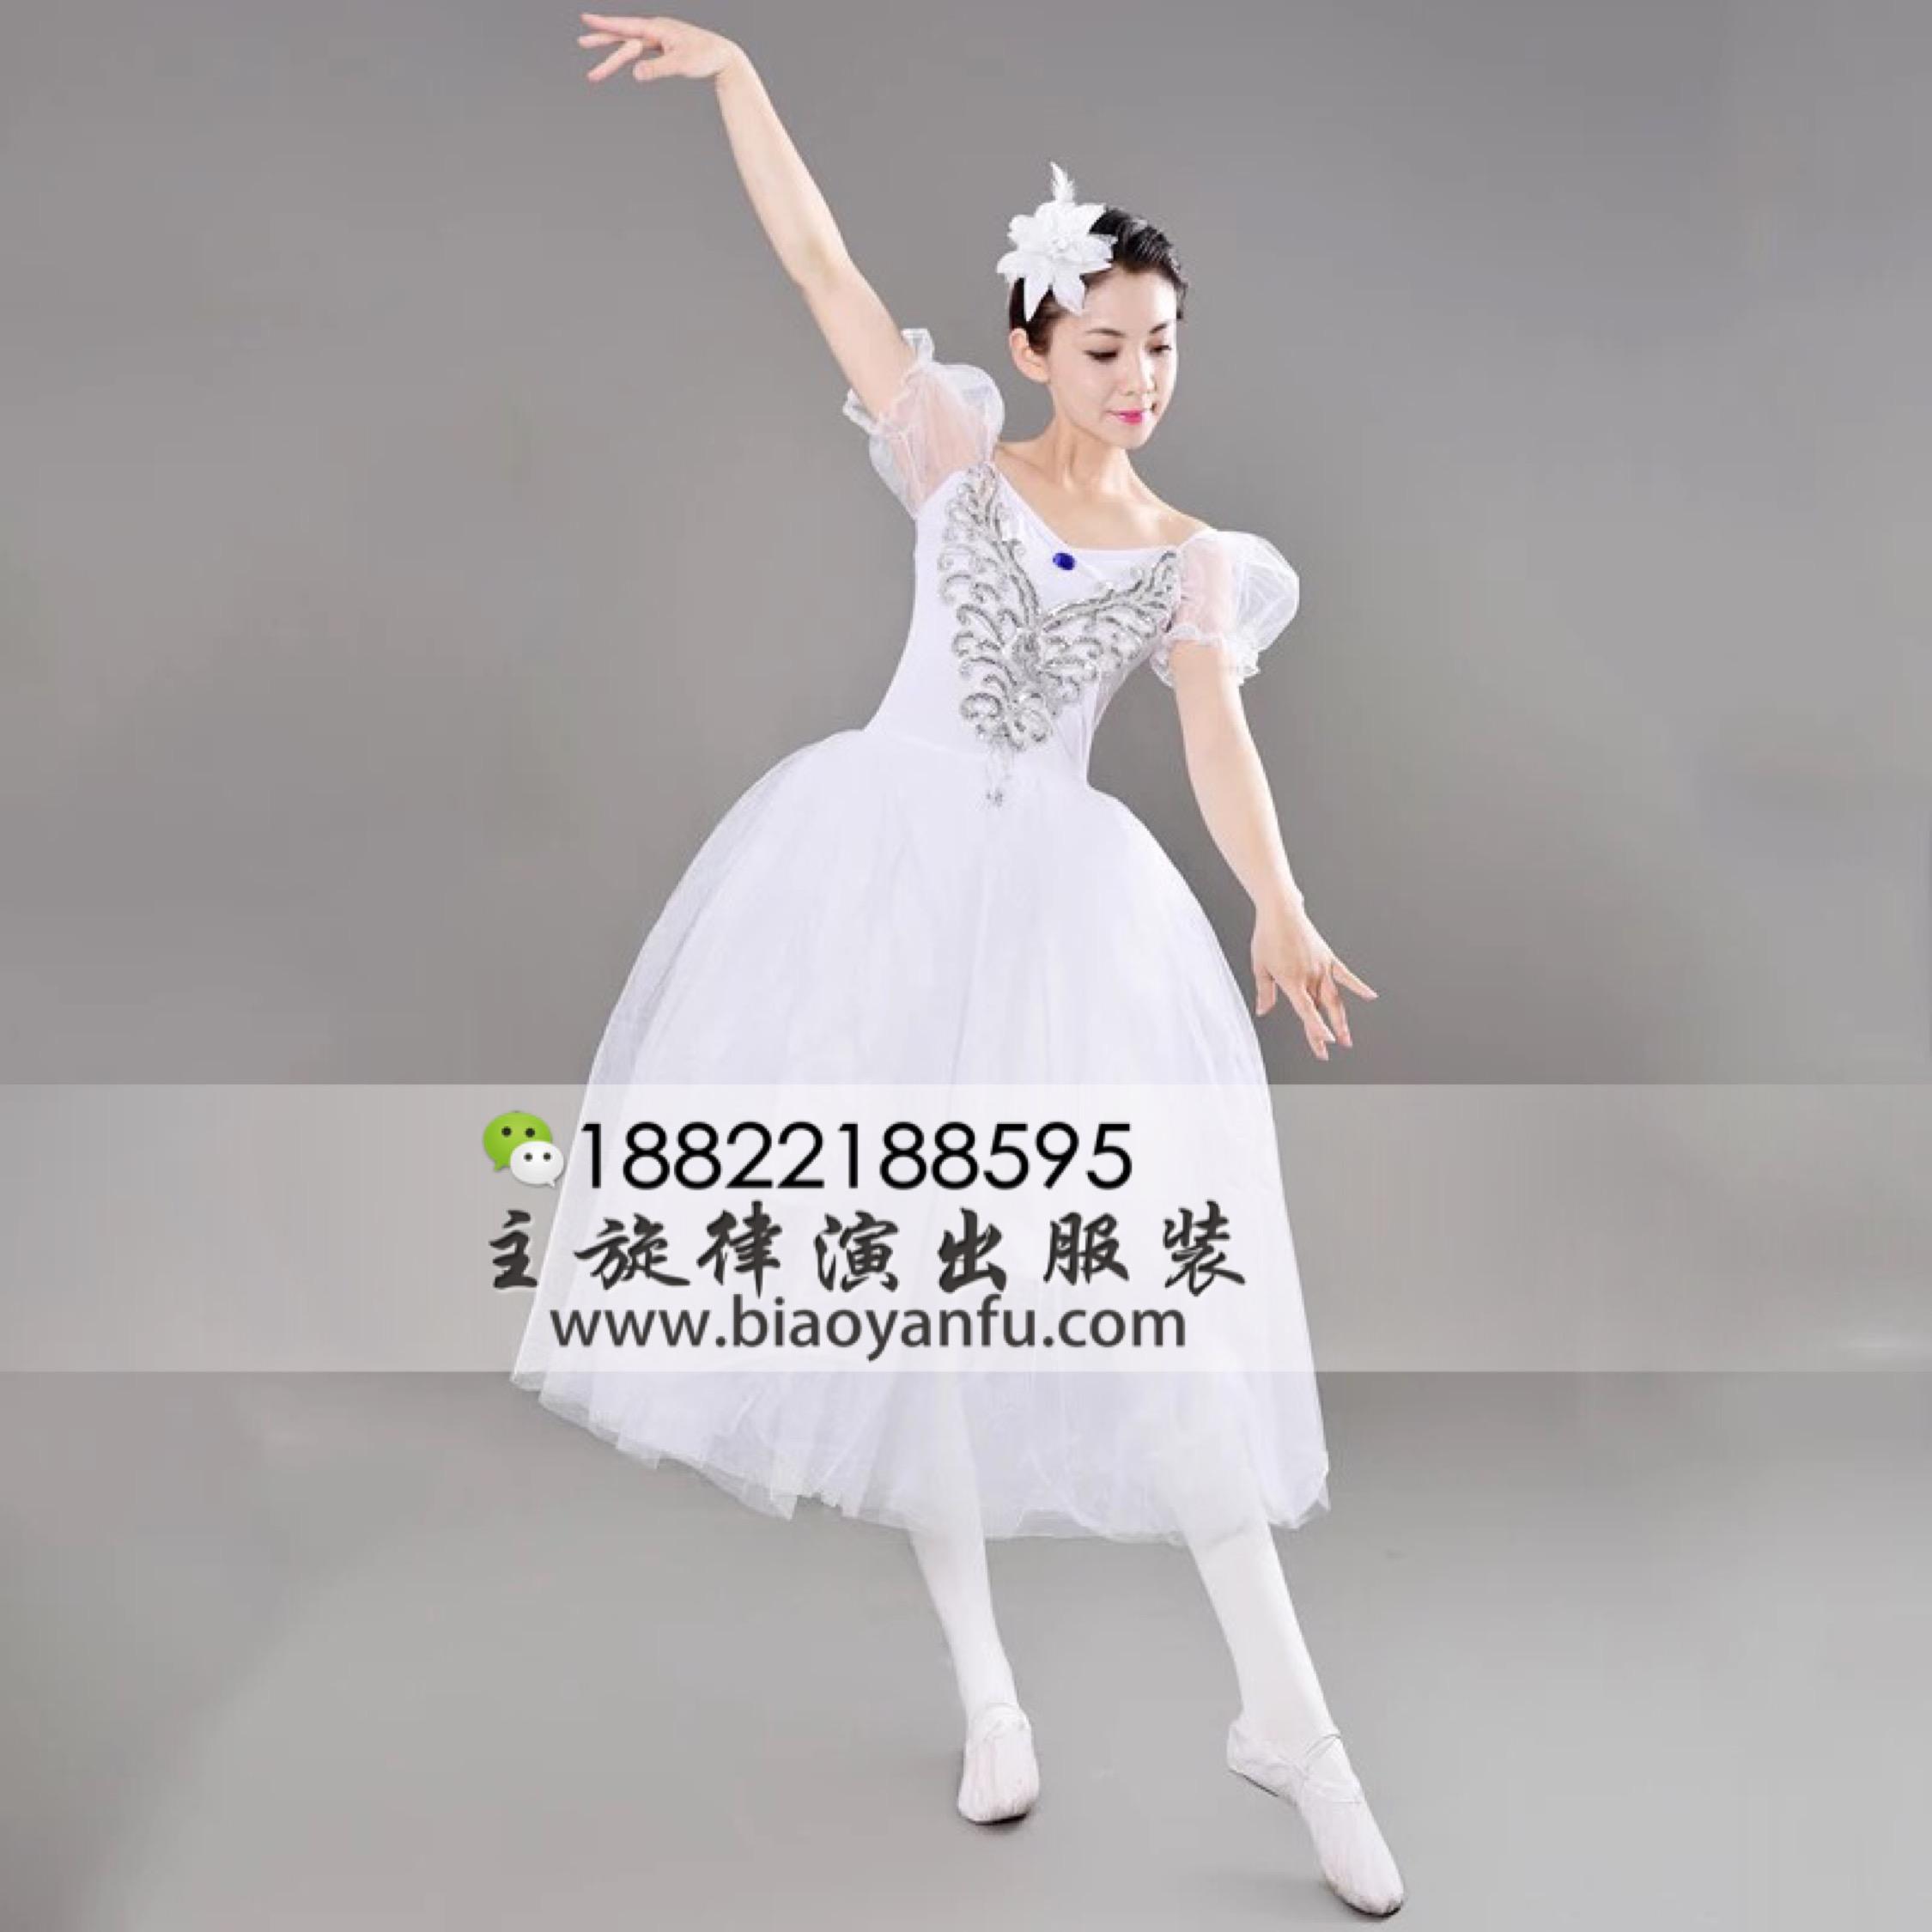 X-0140芭蕾舞德赢手机平台在线注册